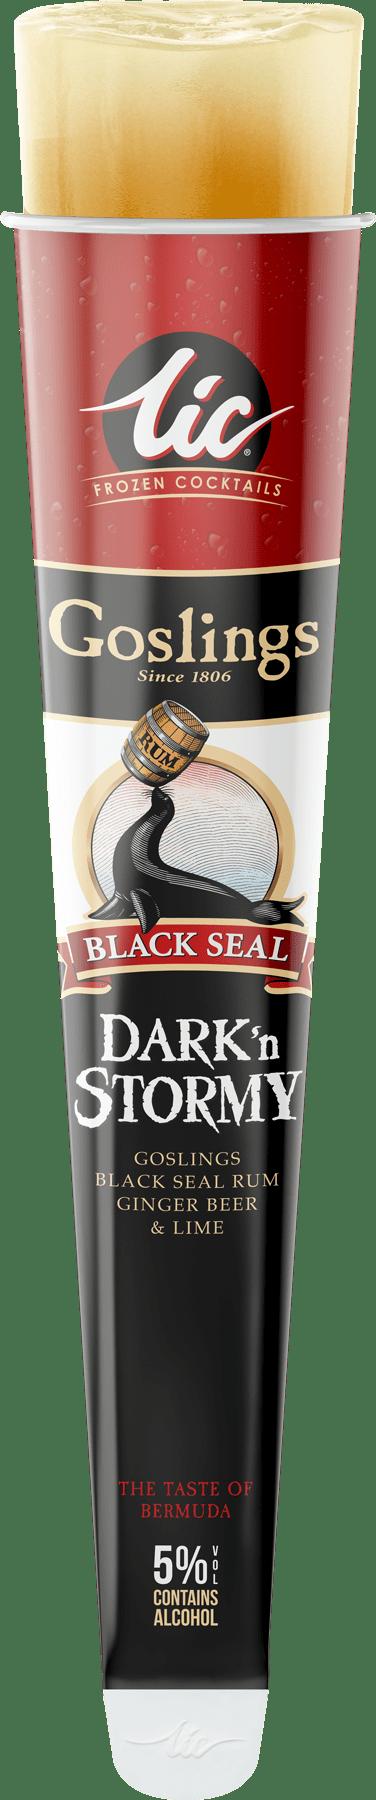 Goslings: Dark & Stormy